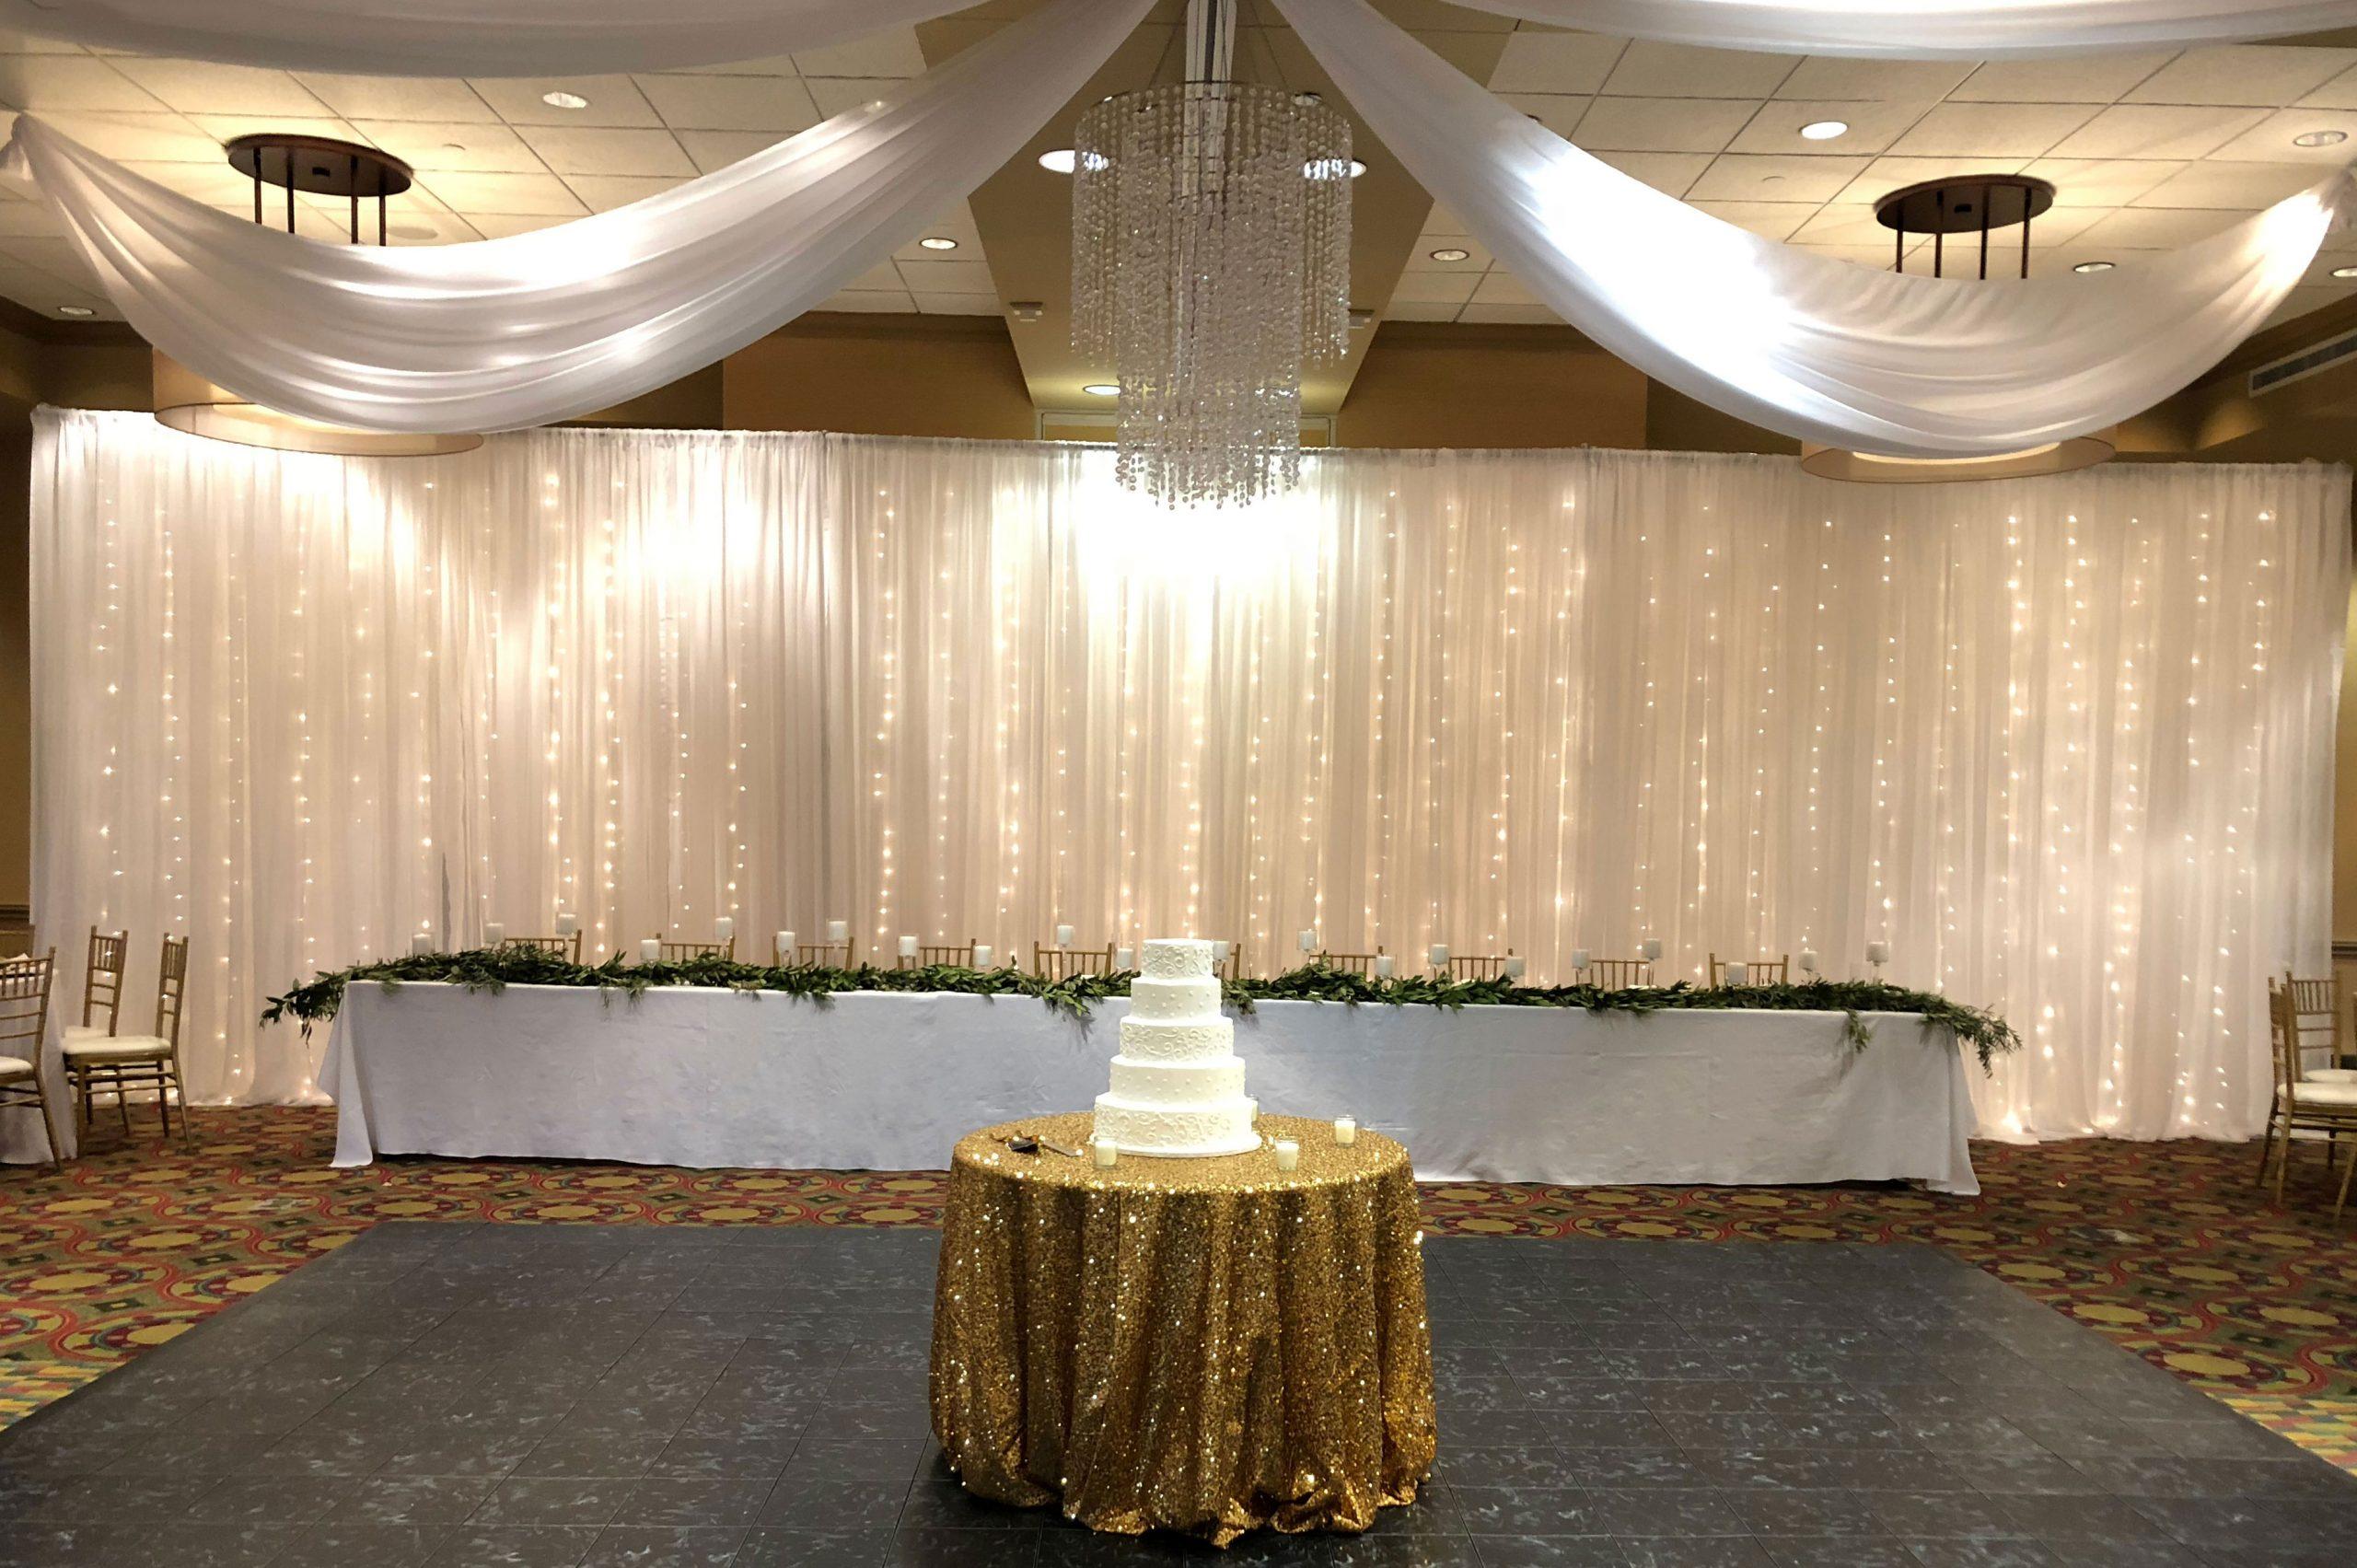 Wedding Backdrop Rentals